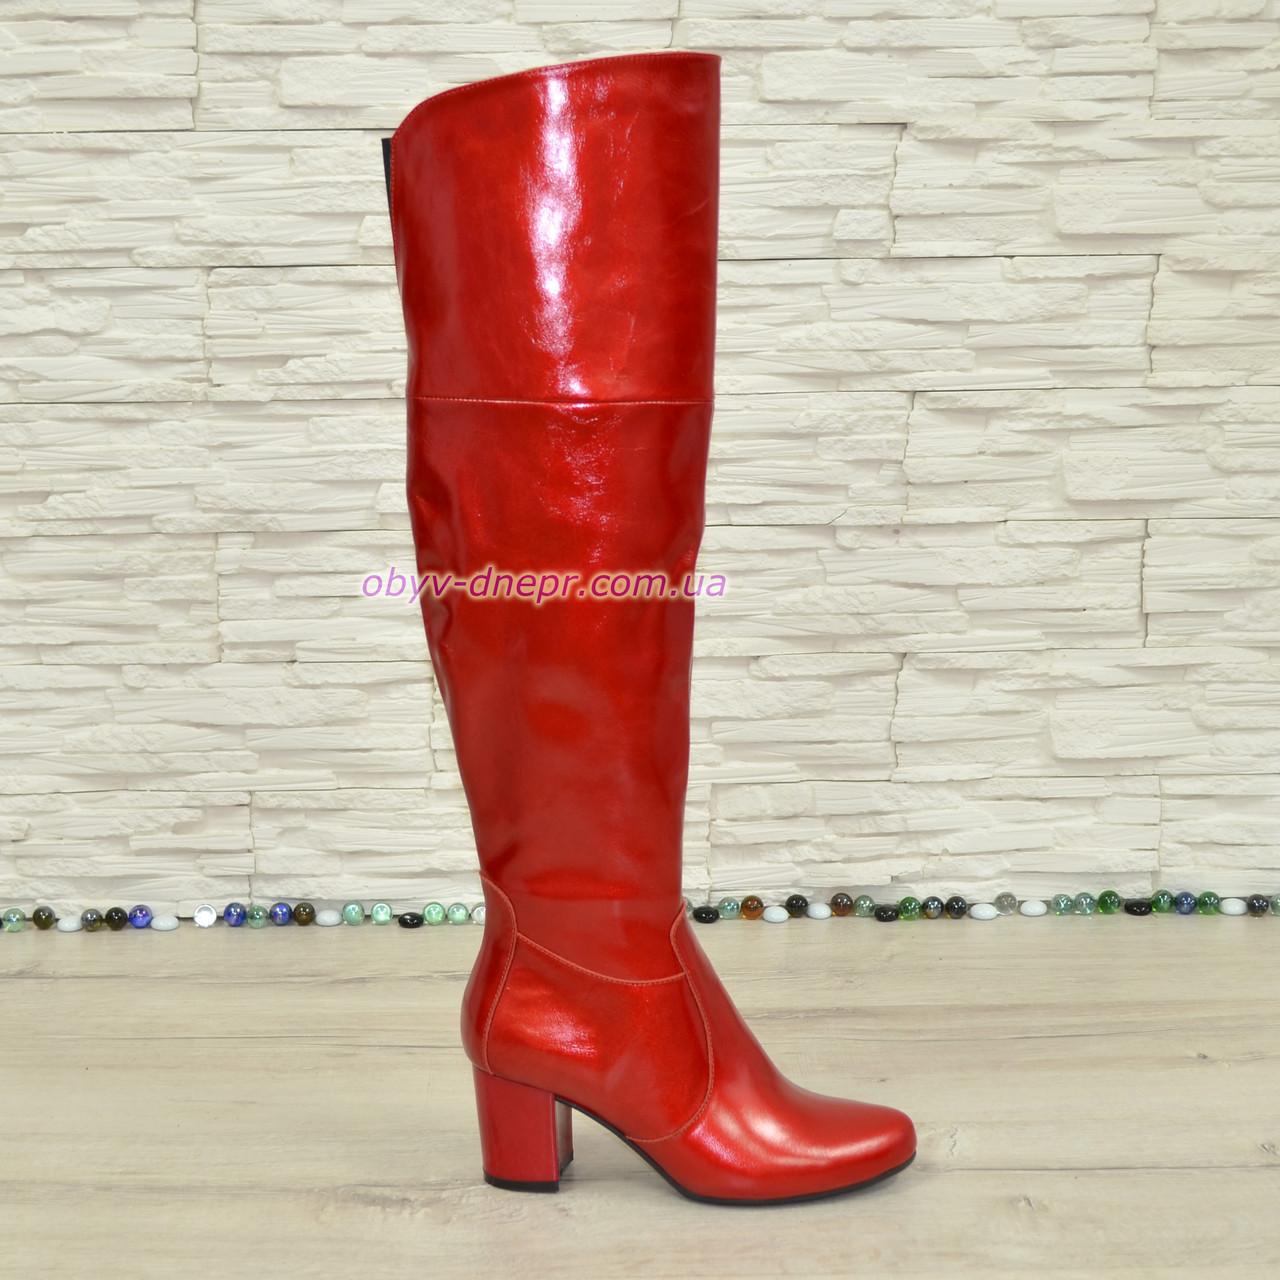 Ботфорты зимние лаковые на устойчивом каблуке, цвет красный